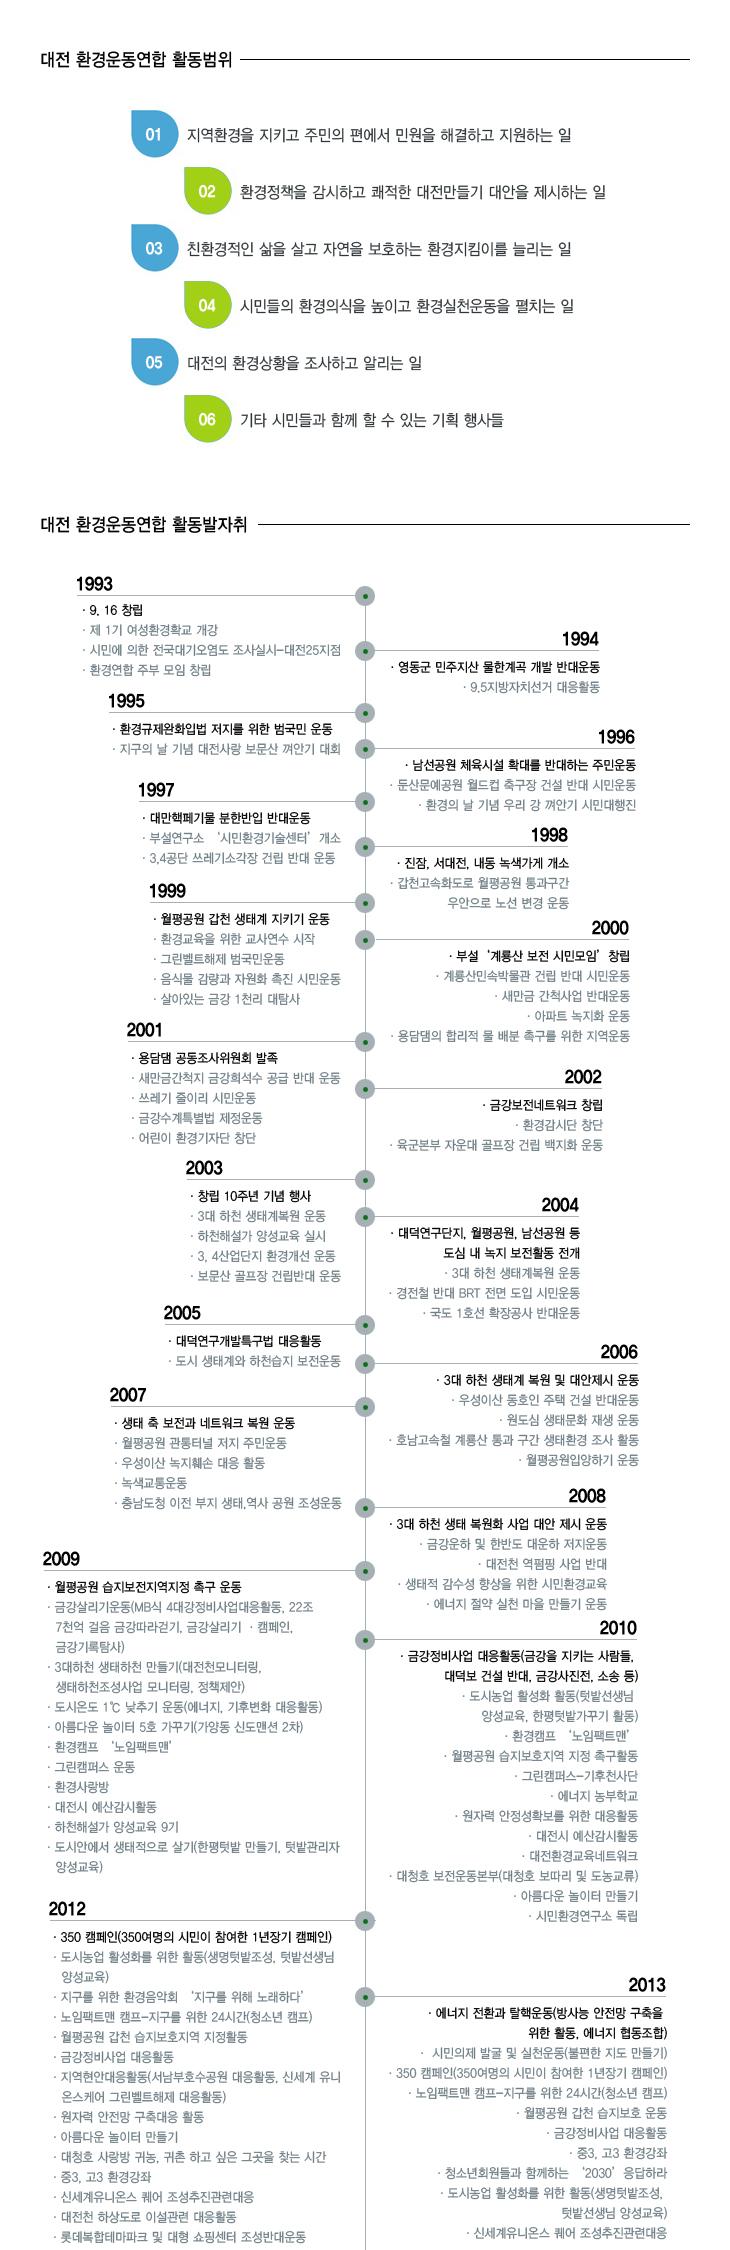 대전환경연합 발자취